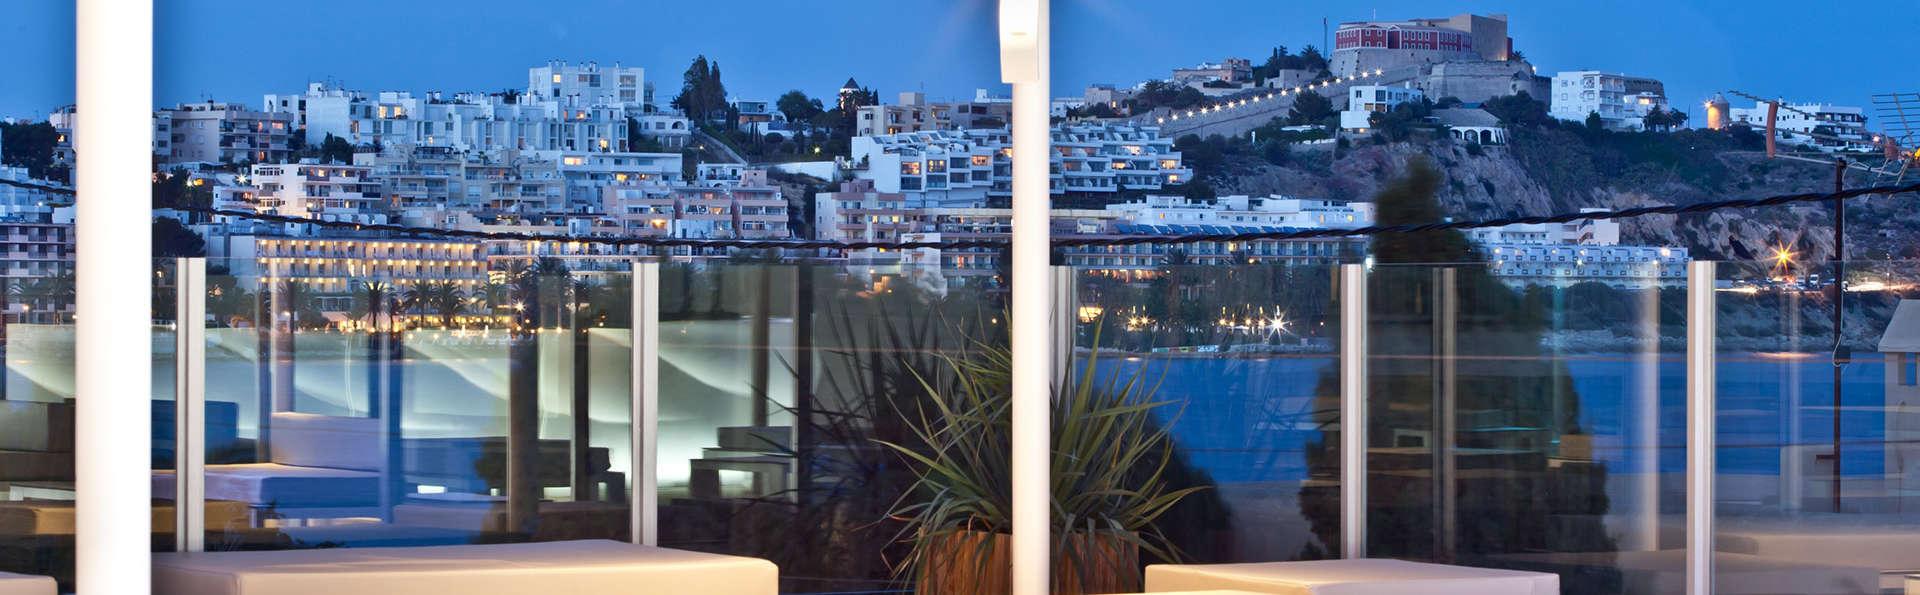 Alójate en el centro de Ibiza en apartamentos